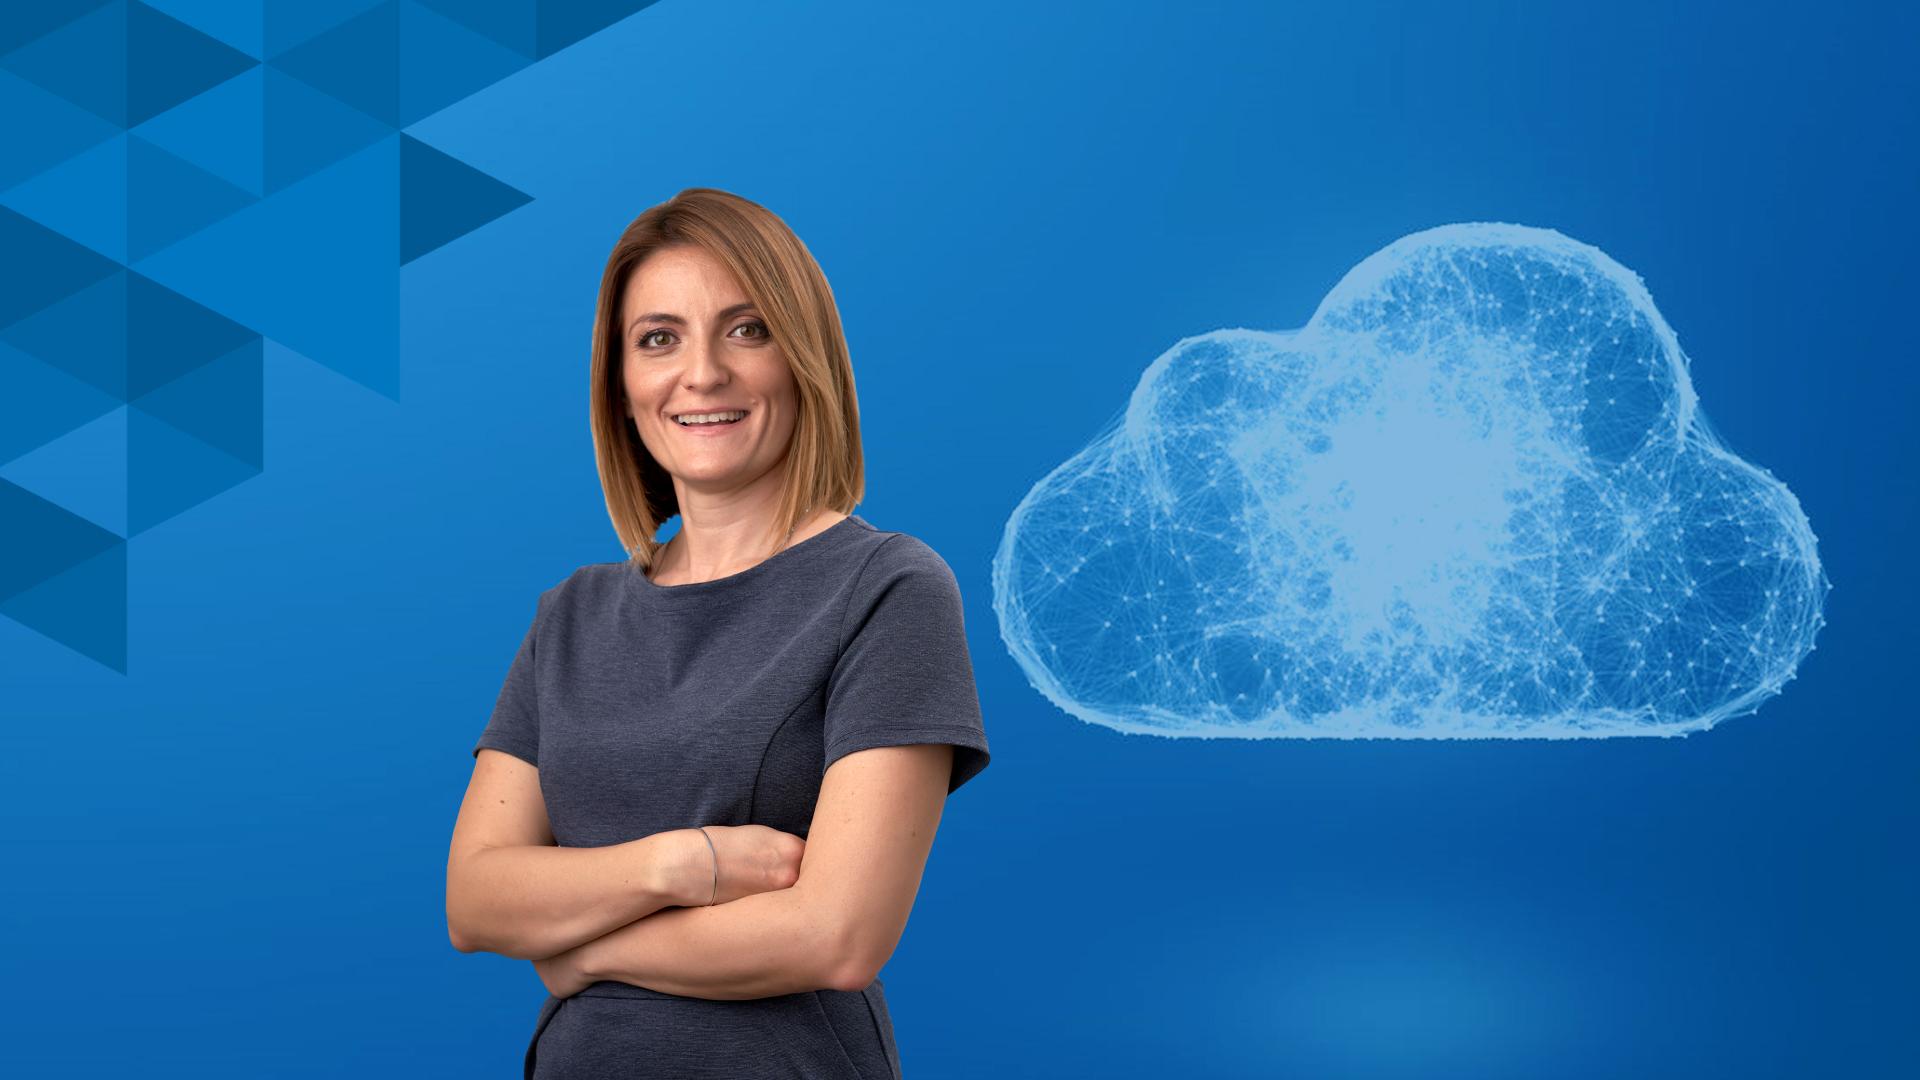 INTERVJU Zorana Jurić: Digitalna transformacija biznisa u Srbiji je nemoguća bez Cloud tehnologija